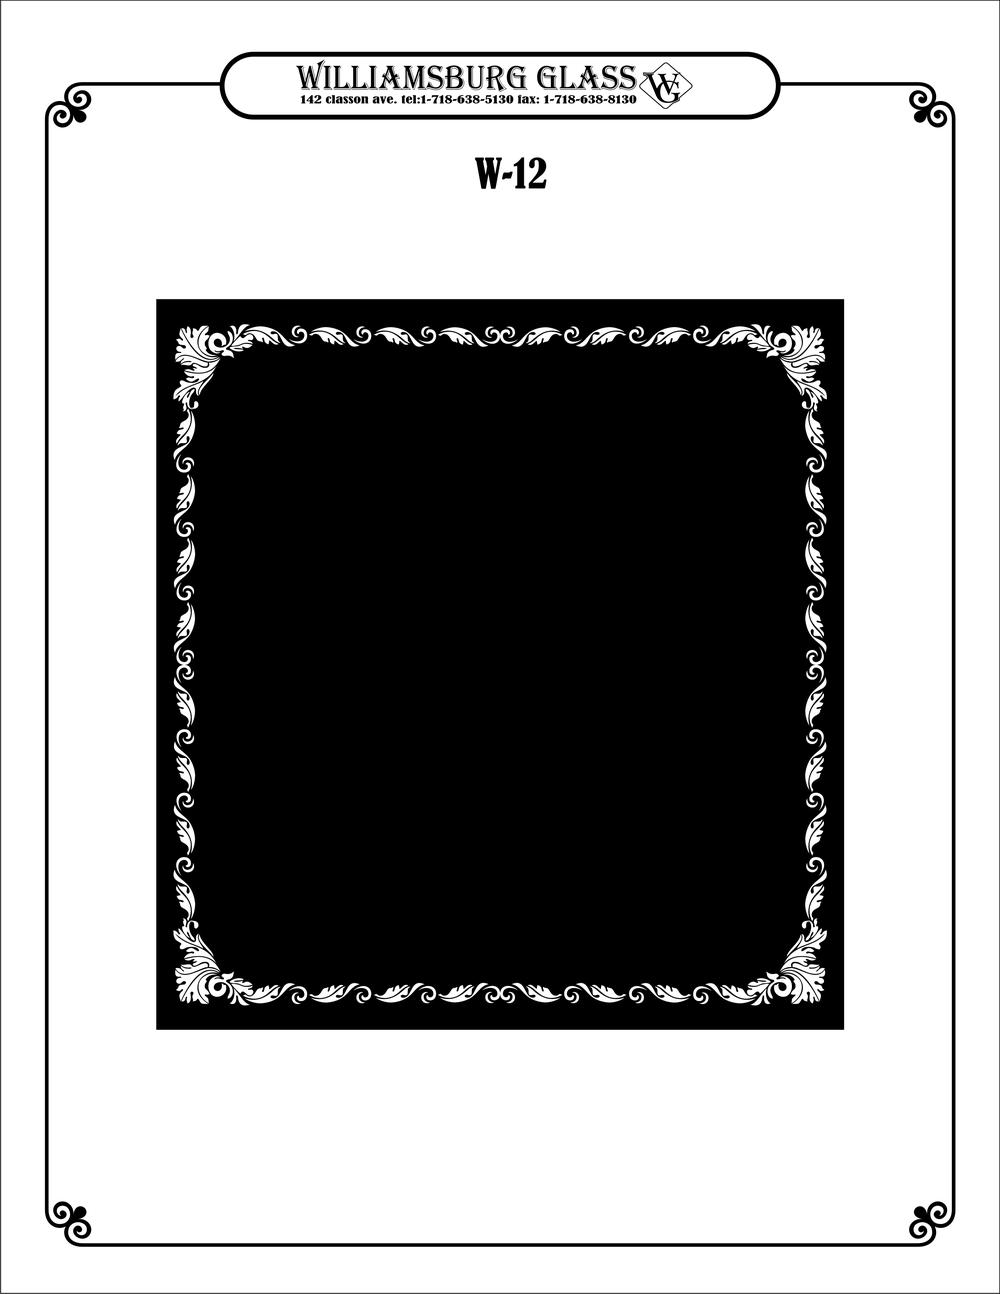 WG-12.jpg